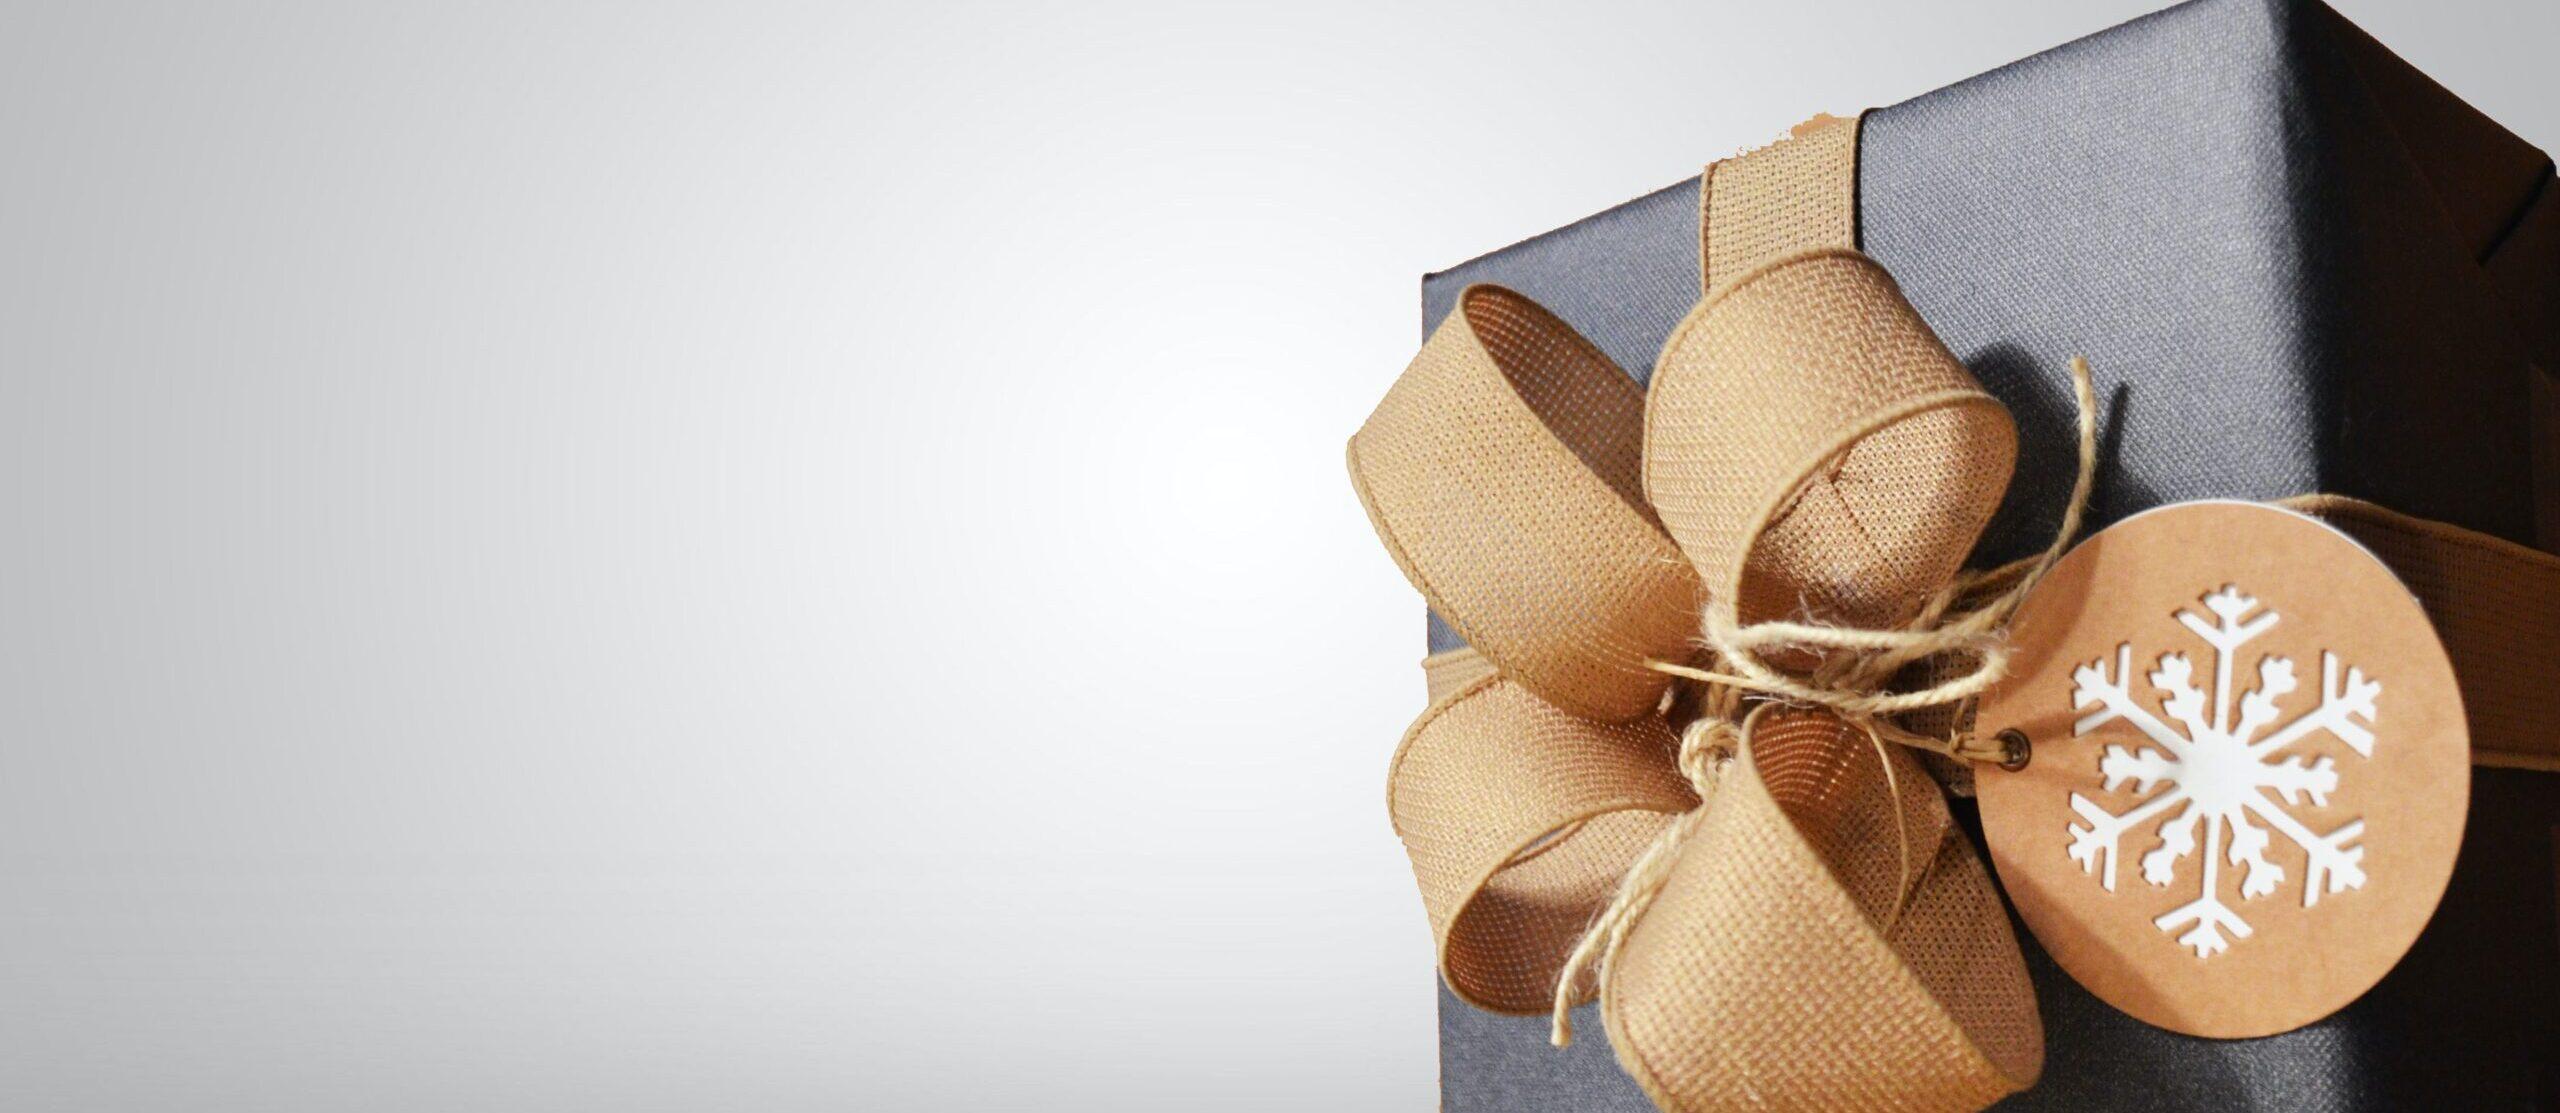 billede af gave med brunt bånd